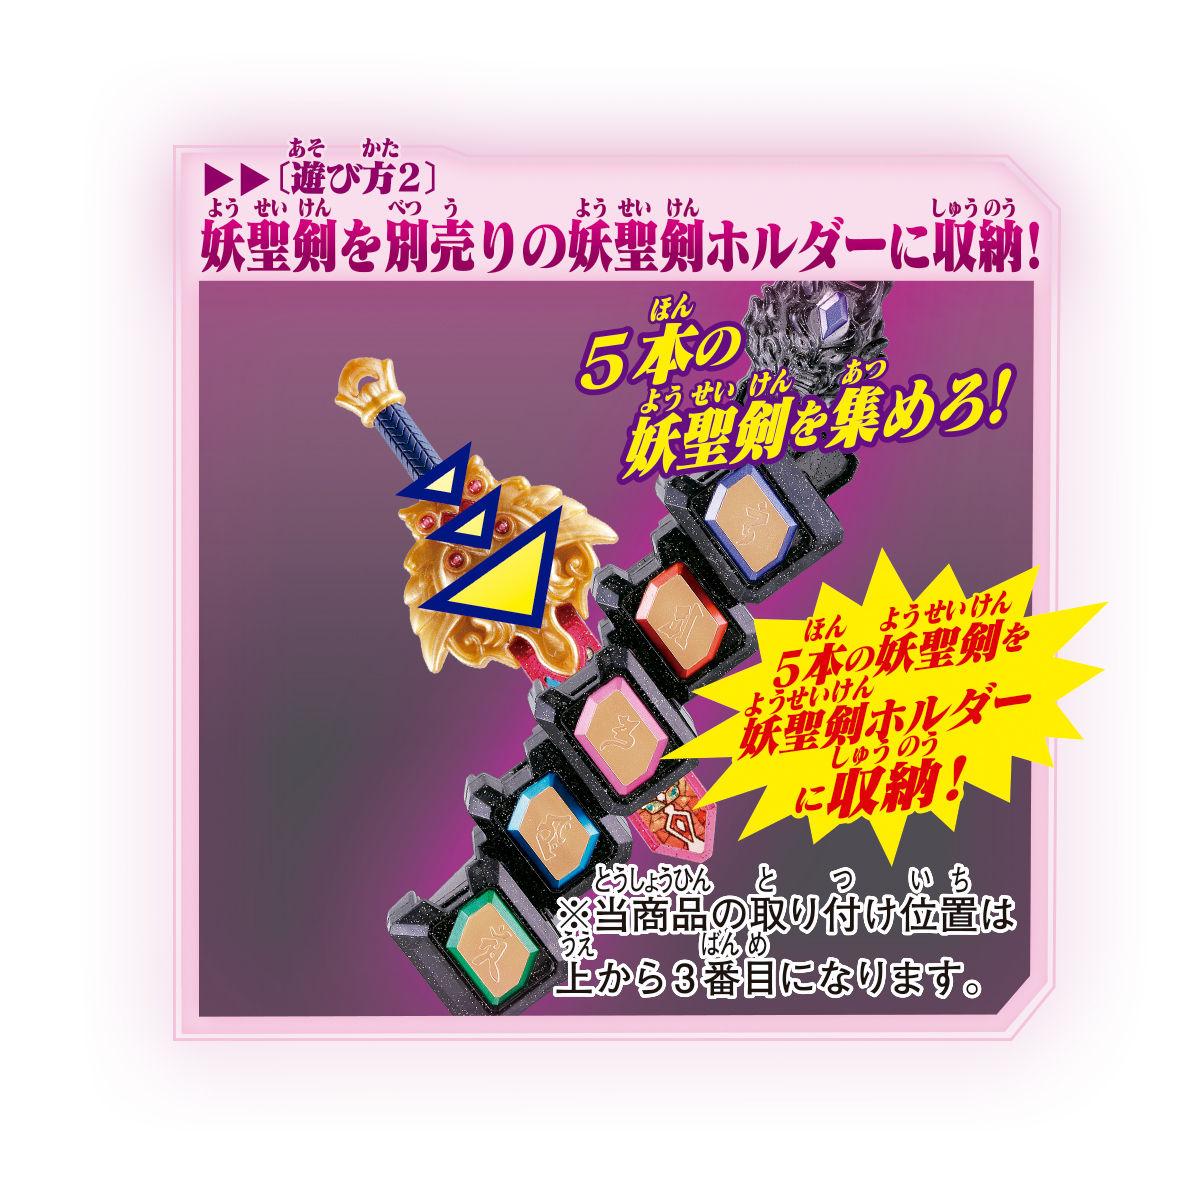 妖聖剣シリーズ02 DXスザク蒼天斬 妖聖剣&妖怪アークセット